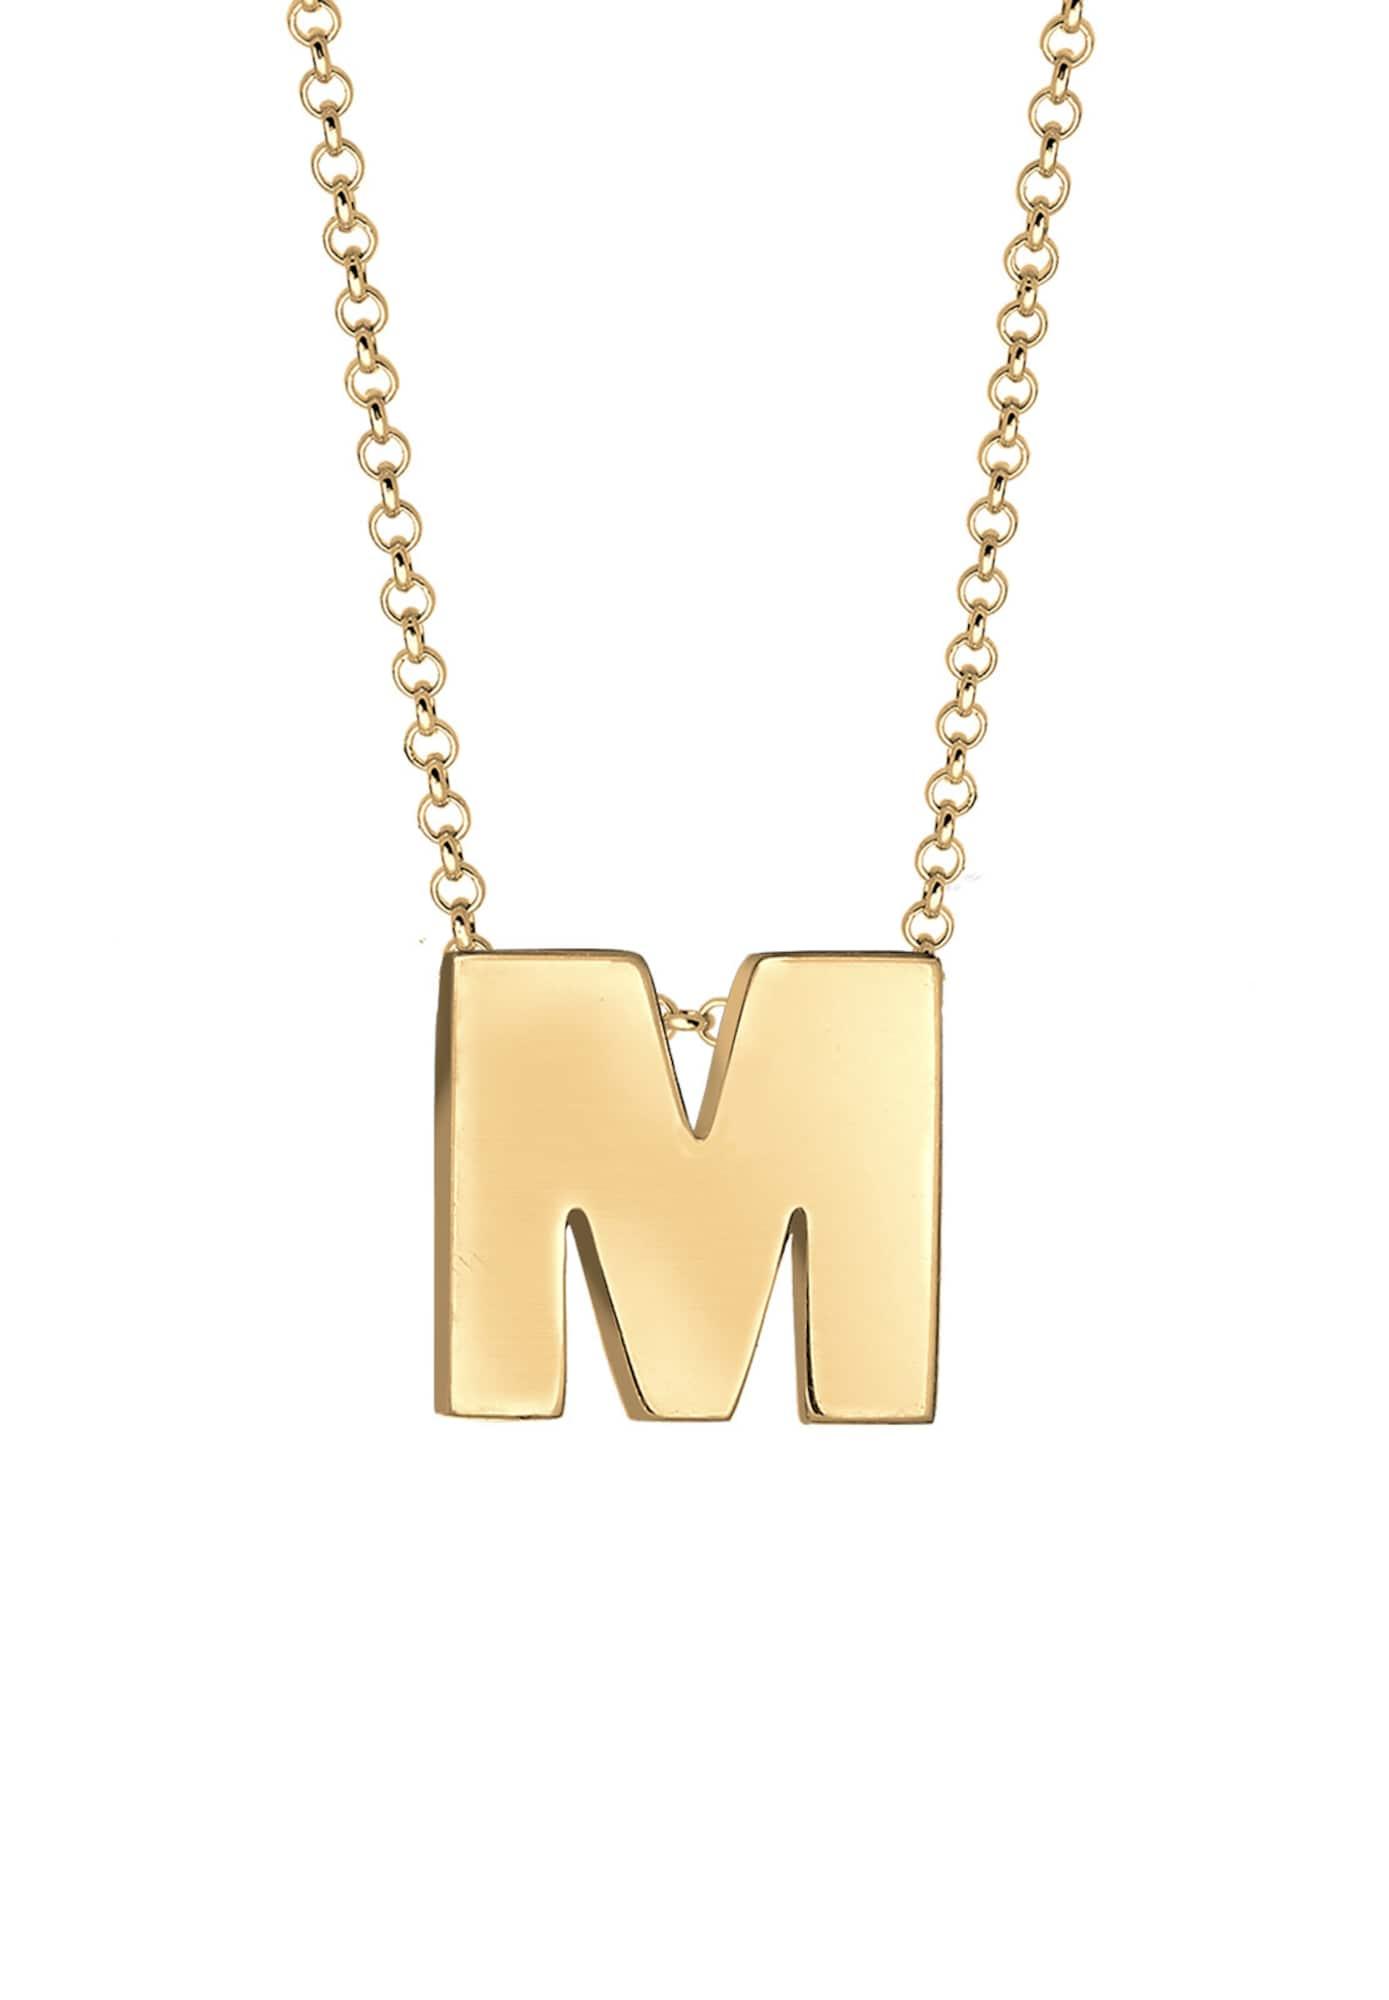 Halskette | Schmuck > Halsketten > Lange Ketten | Gold | ELLI